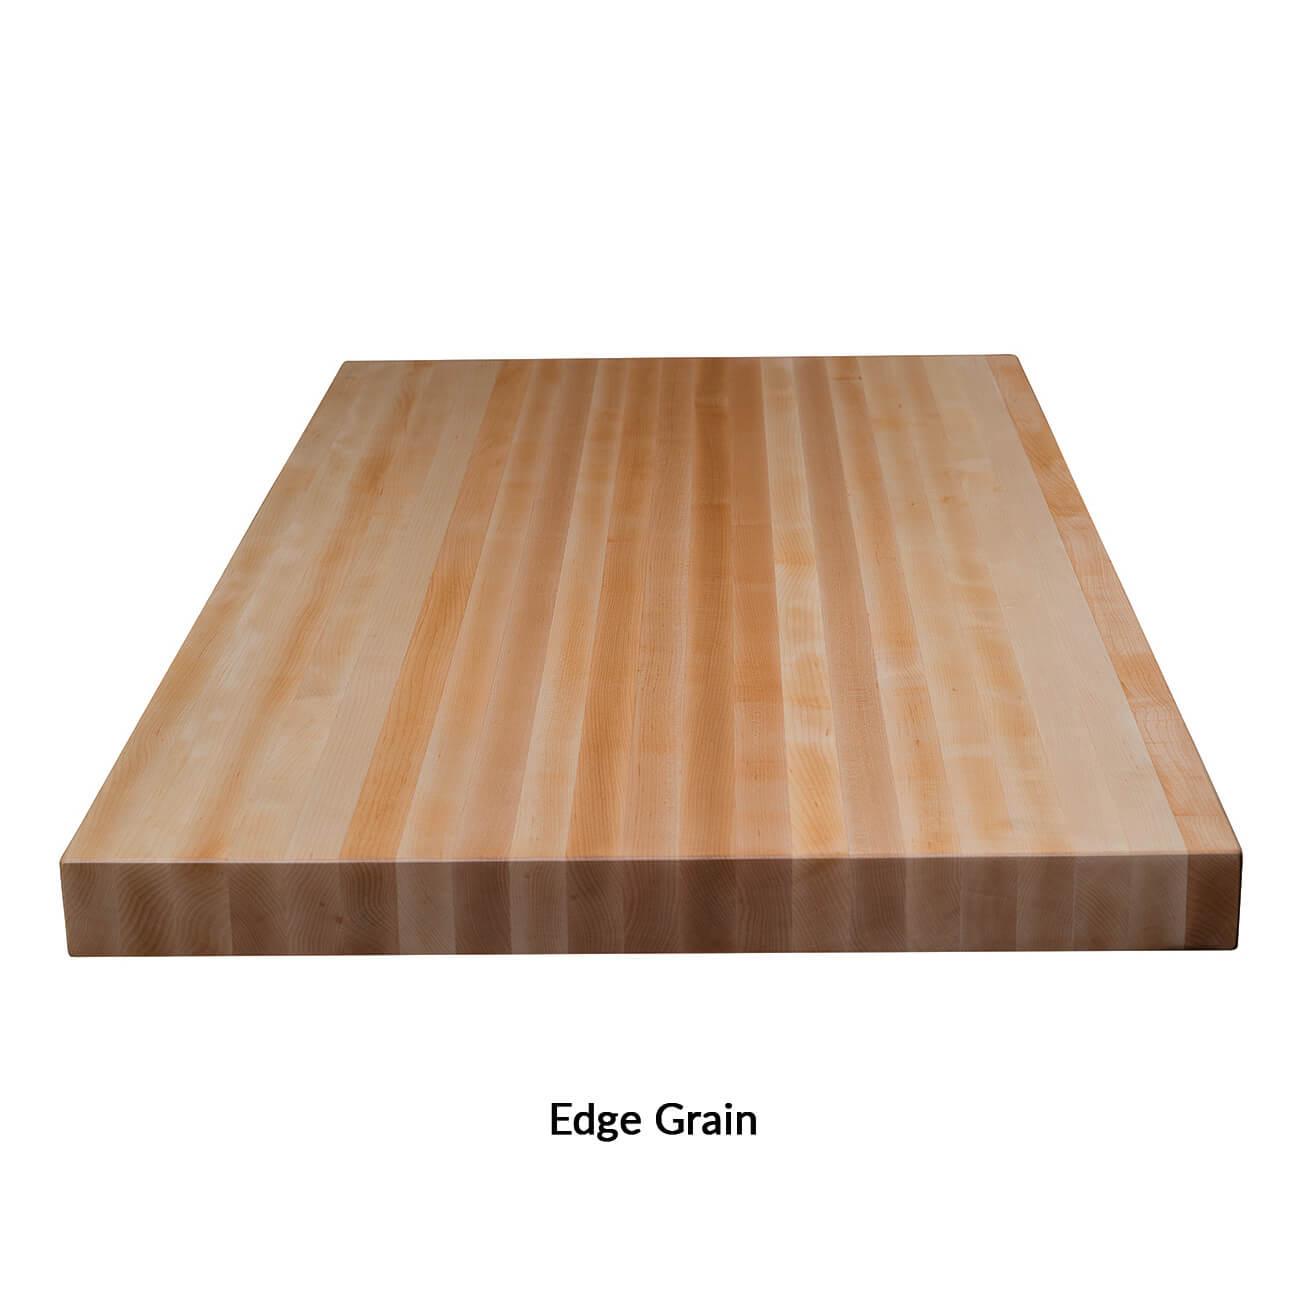 2-edge-grain-option.jpg